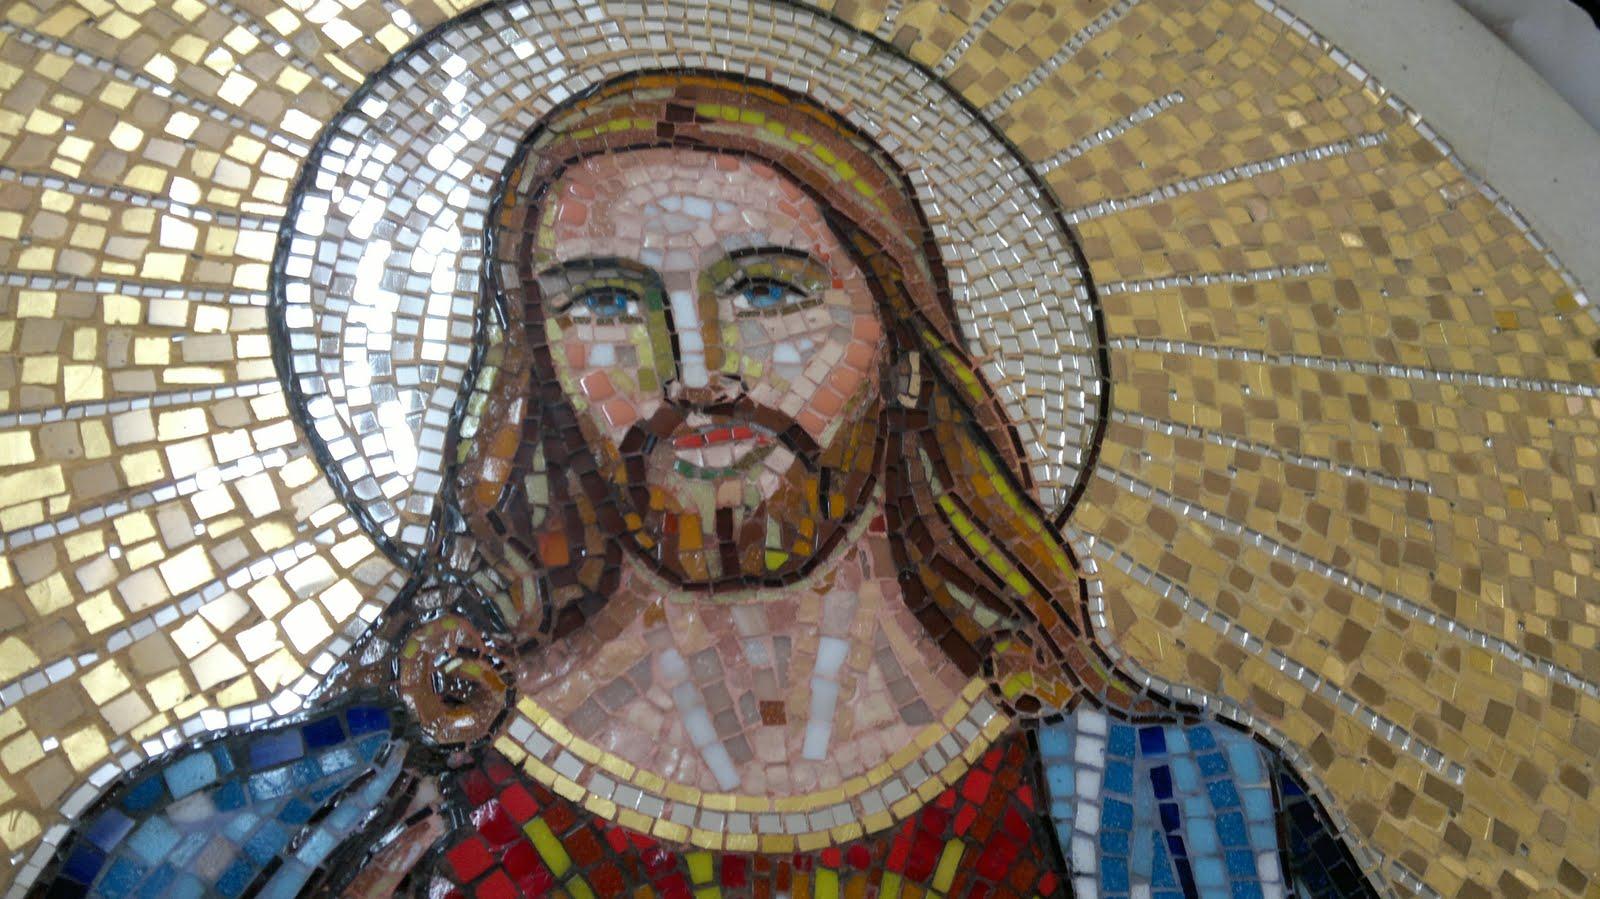 Conosciuto Gesu Sacro Cuore mosaici veneziani Vincenzo Greco DL22